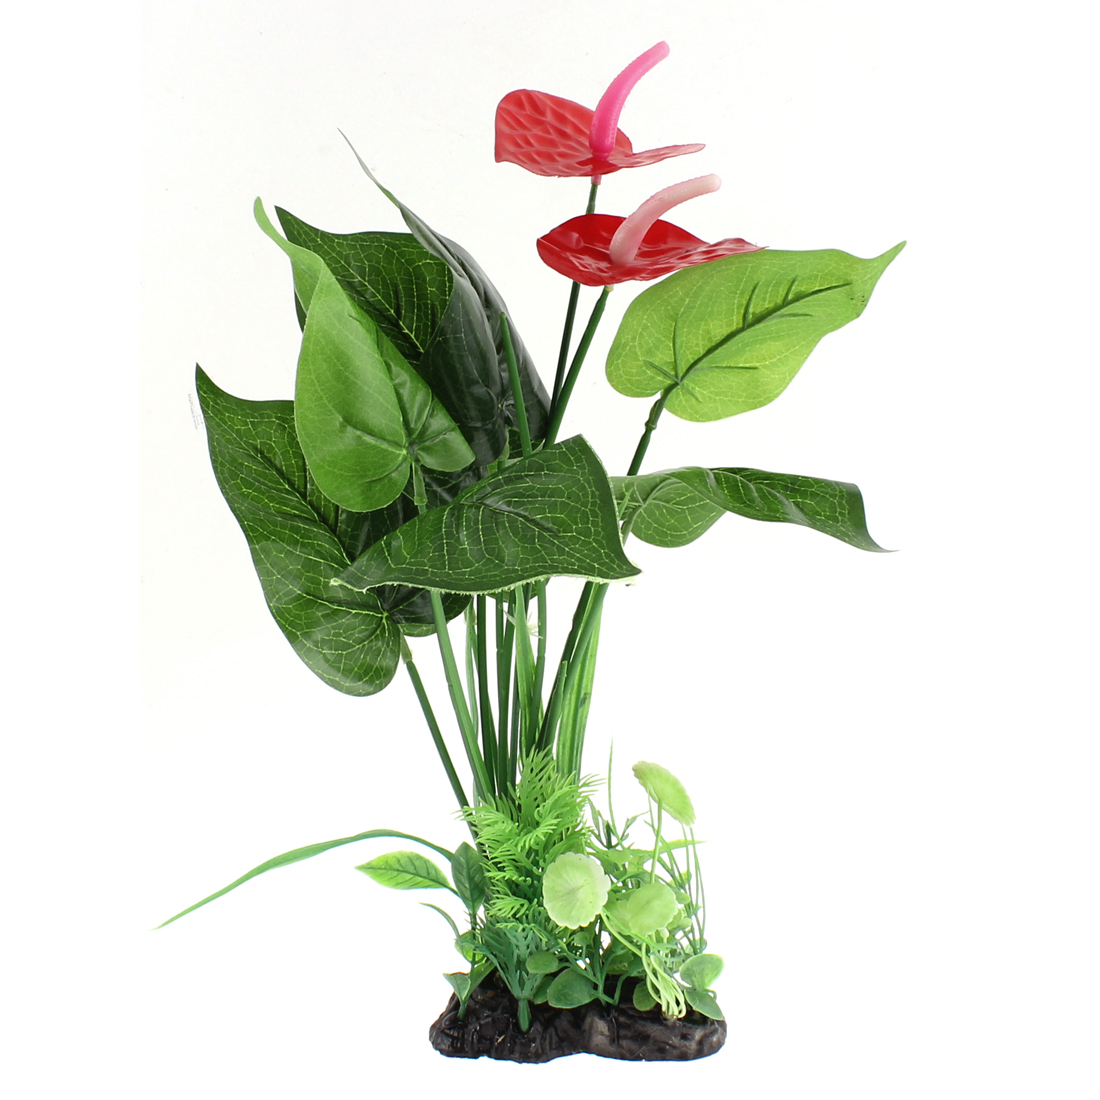 Aquarium Plastic Landscaping Plant Adornment 36cm Height